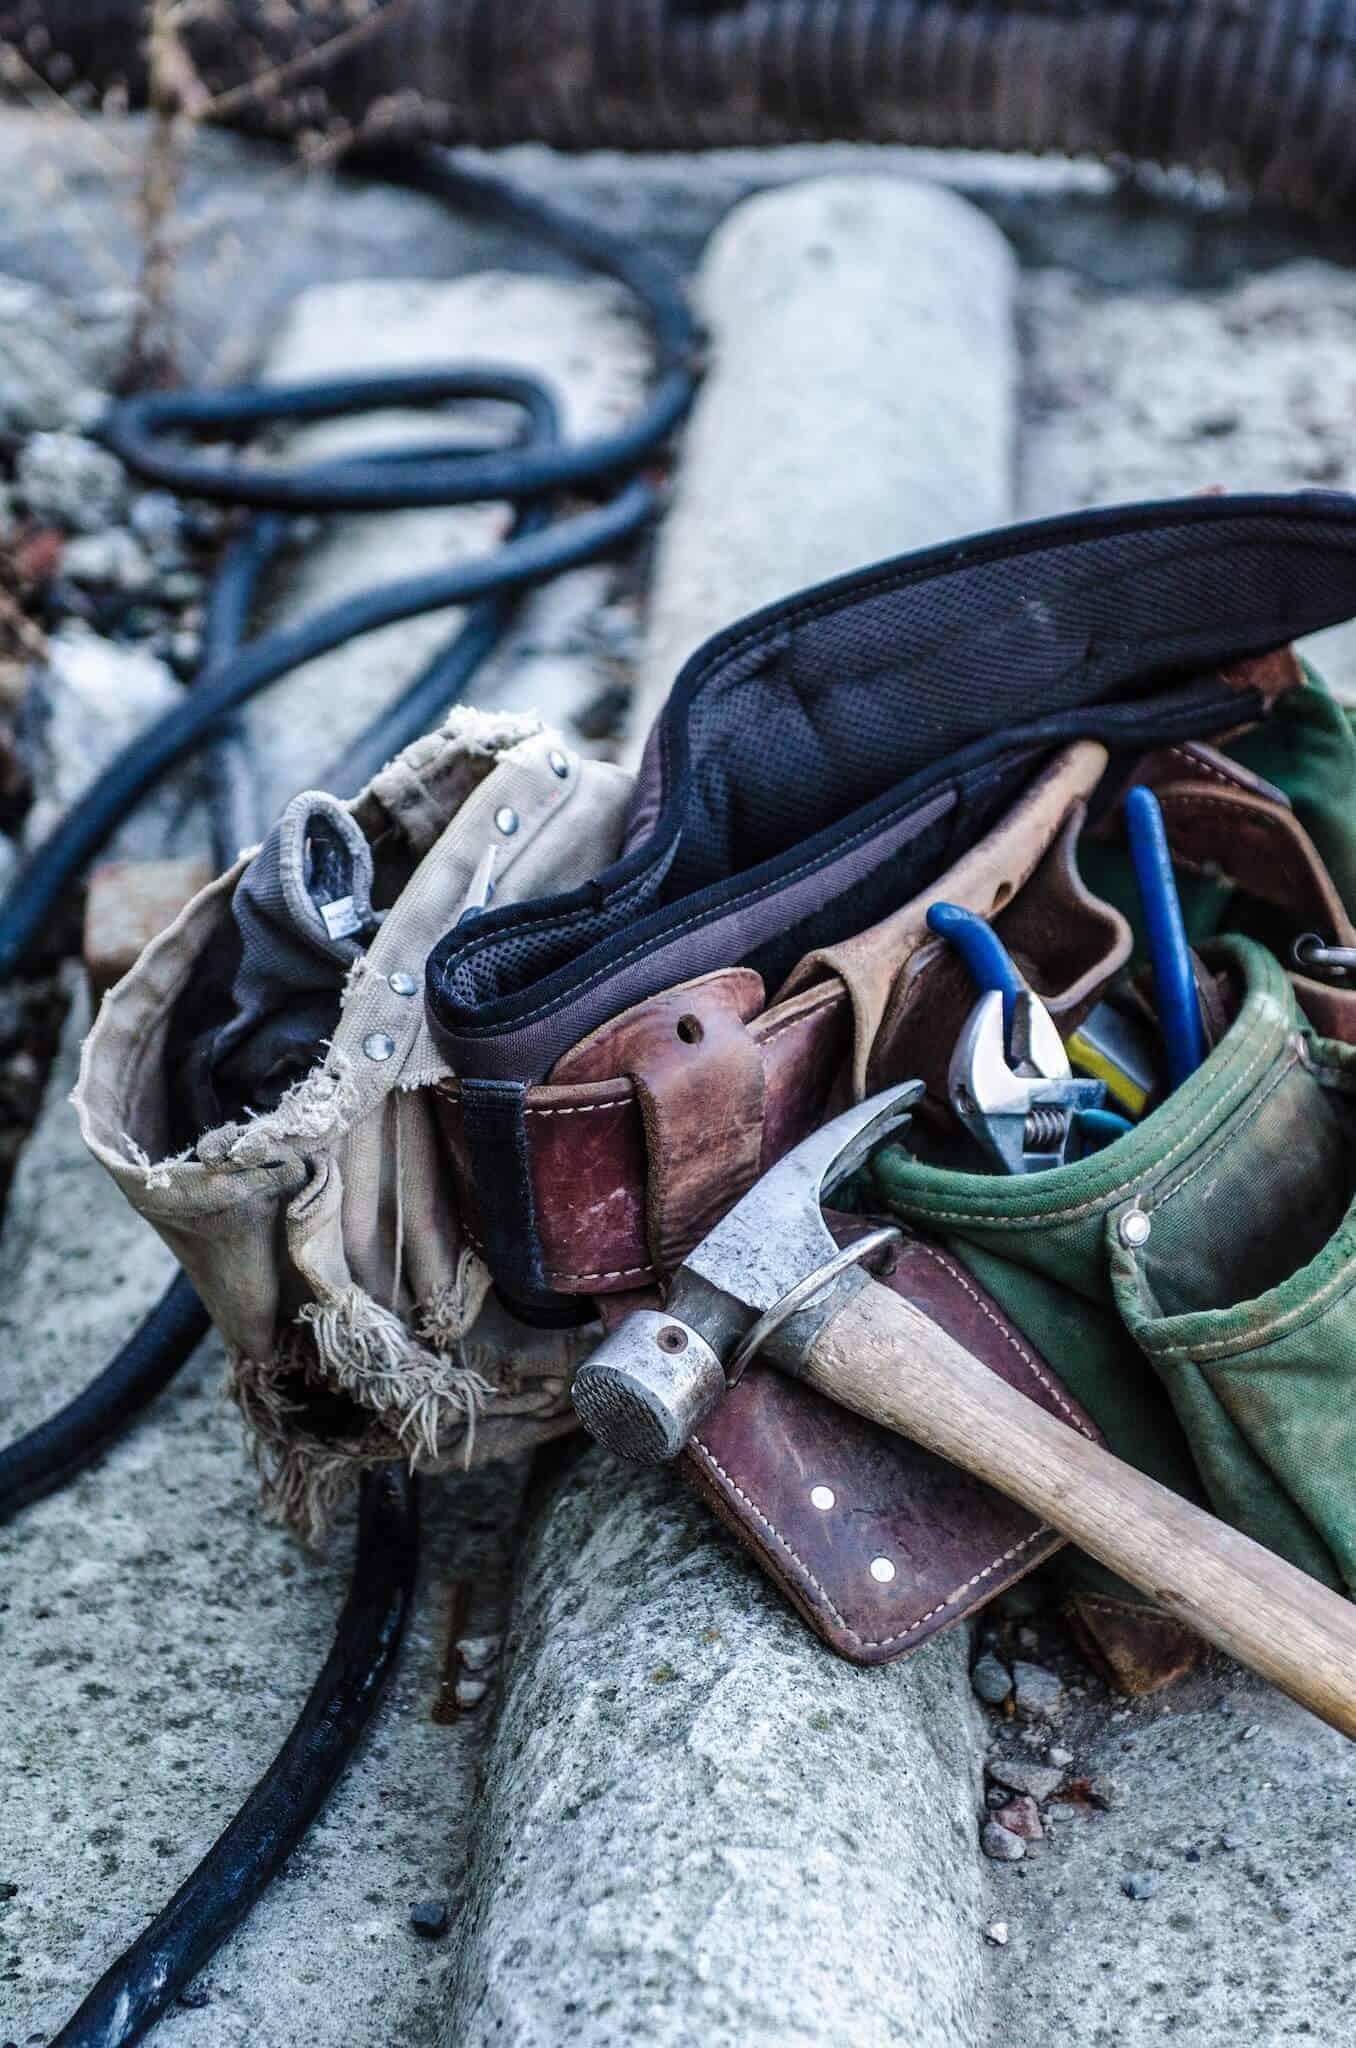 Construcion-tools